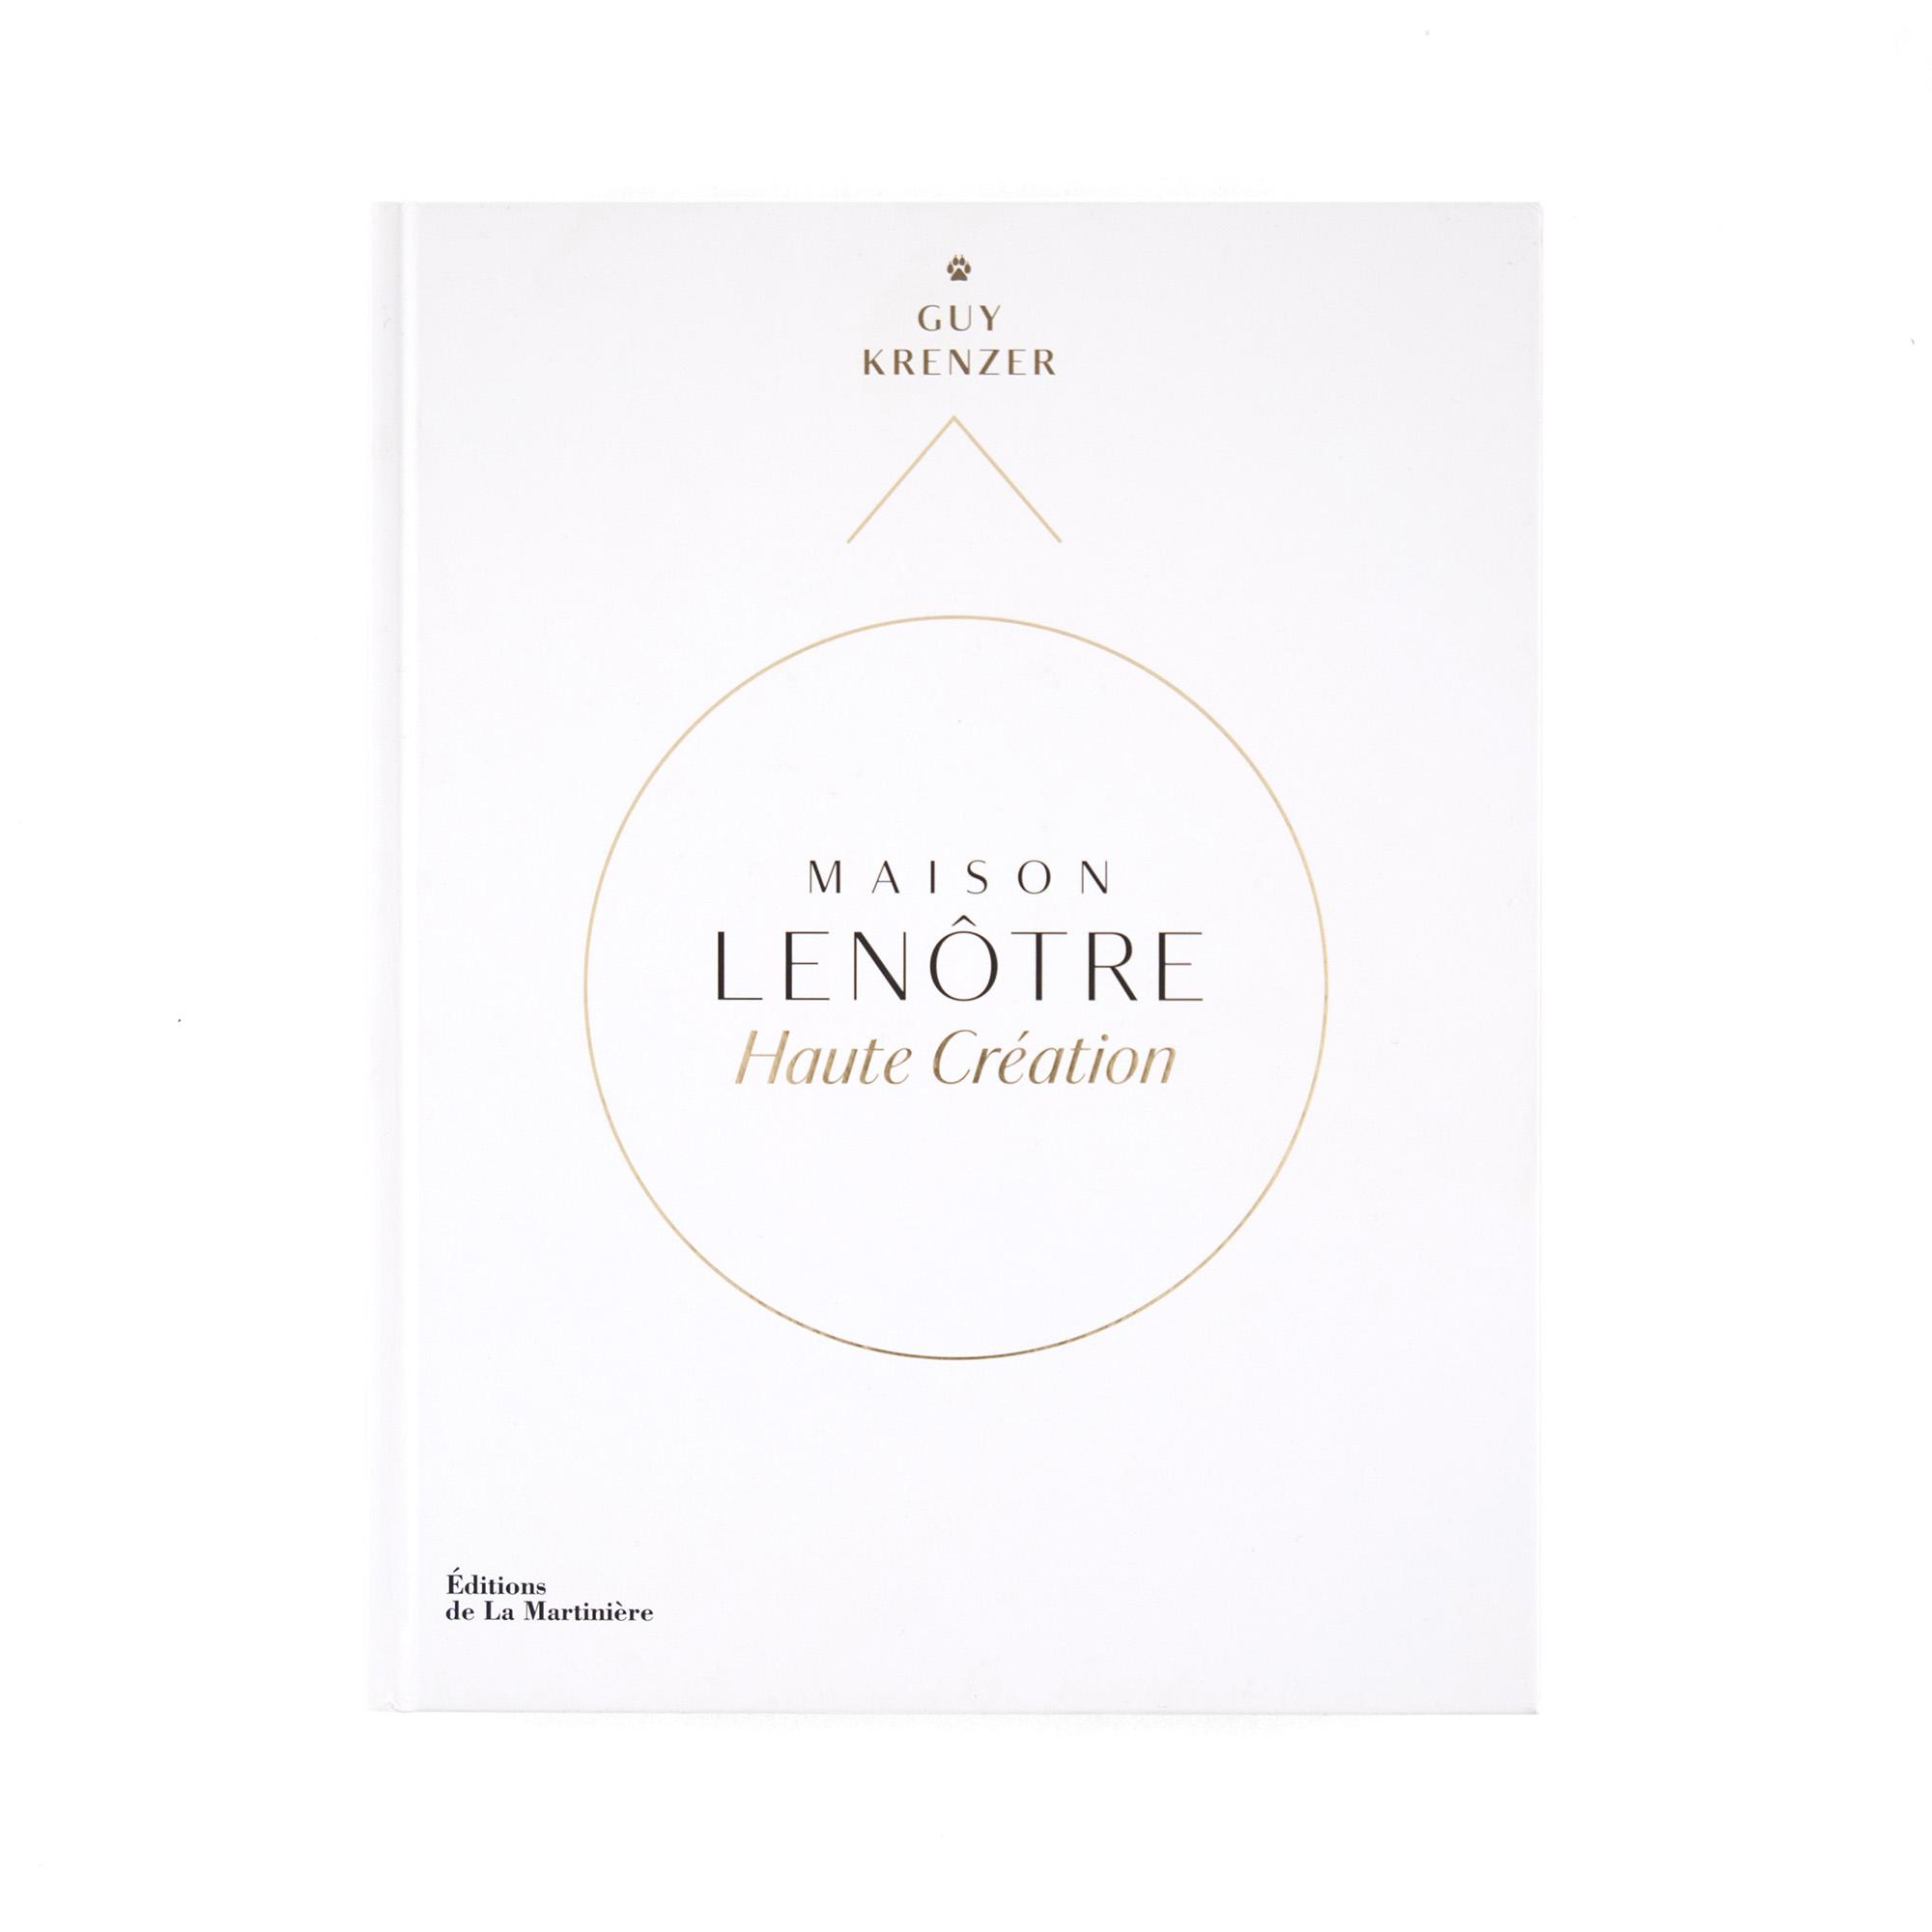 Maison Lenôtre Haute Création   Guy Krenzer  Éditions de La Martinière 408 pages